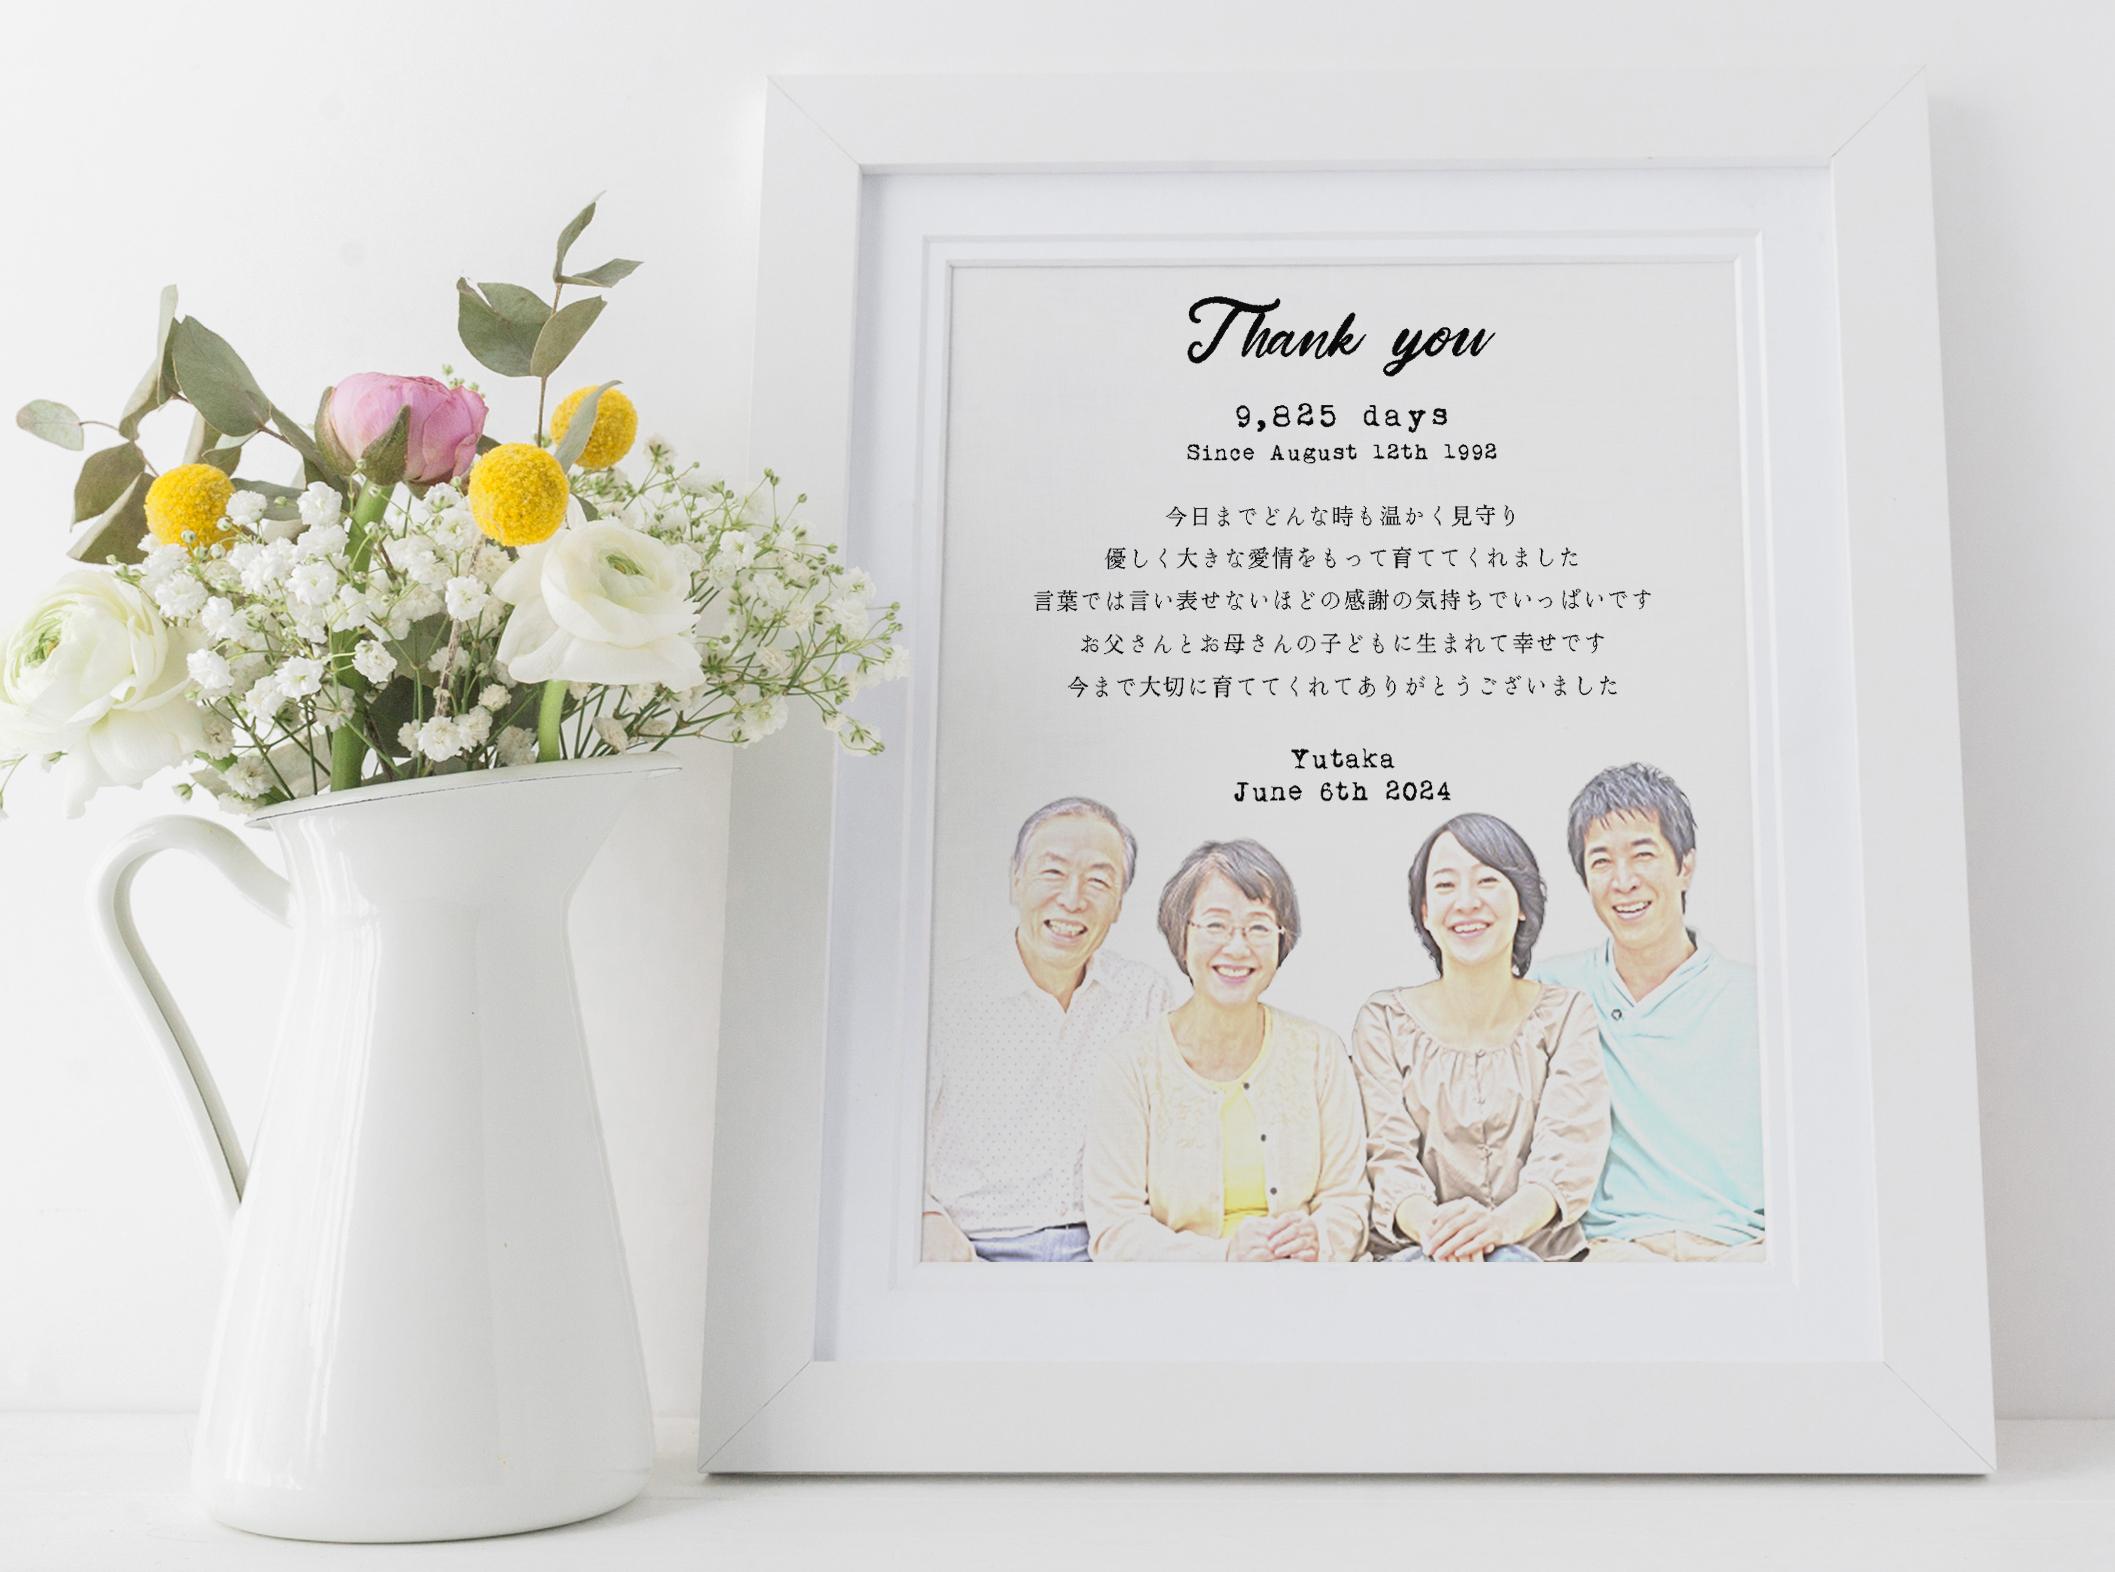 似顔絵 子育て感謝状 │両親贈呈品 結婚式 ウェディング